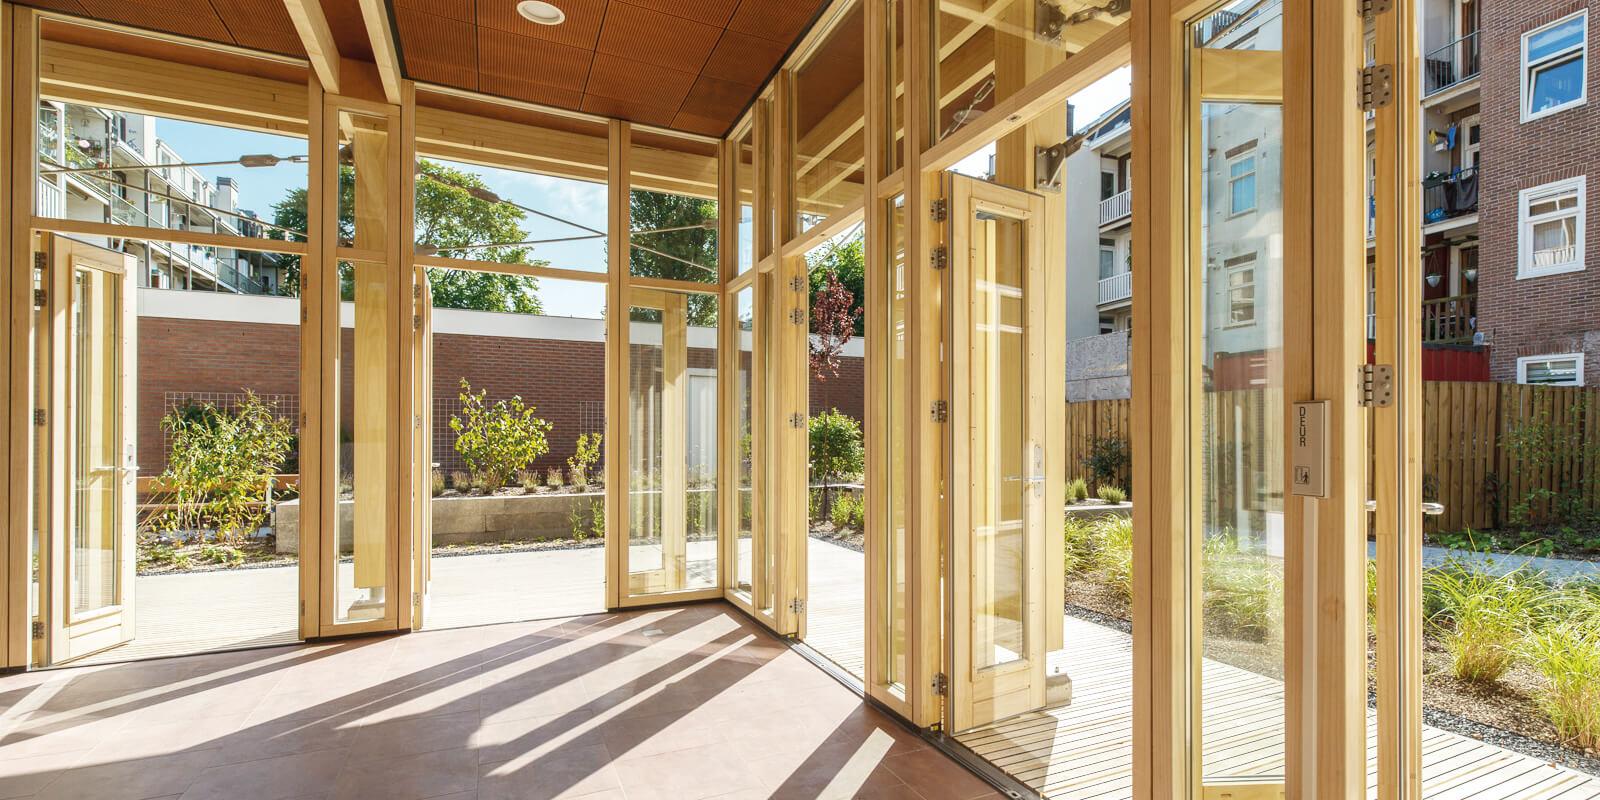 Accoya trä för dörrar fönster fasad och altandäck